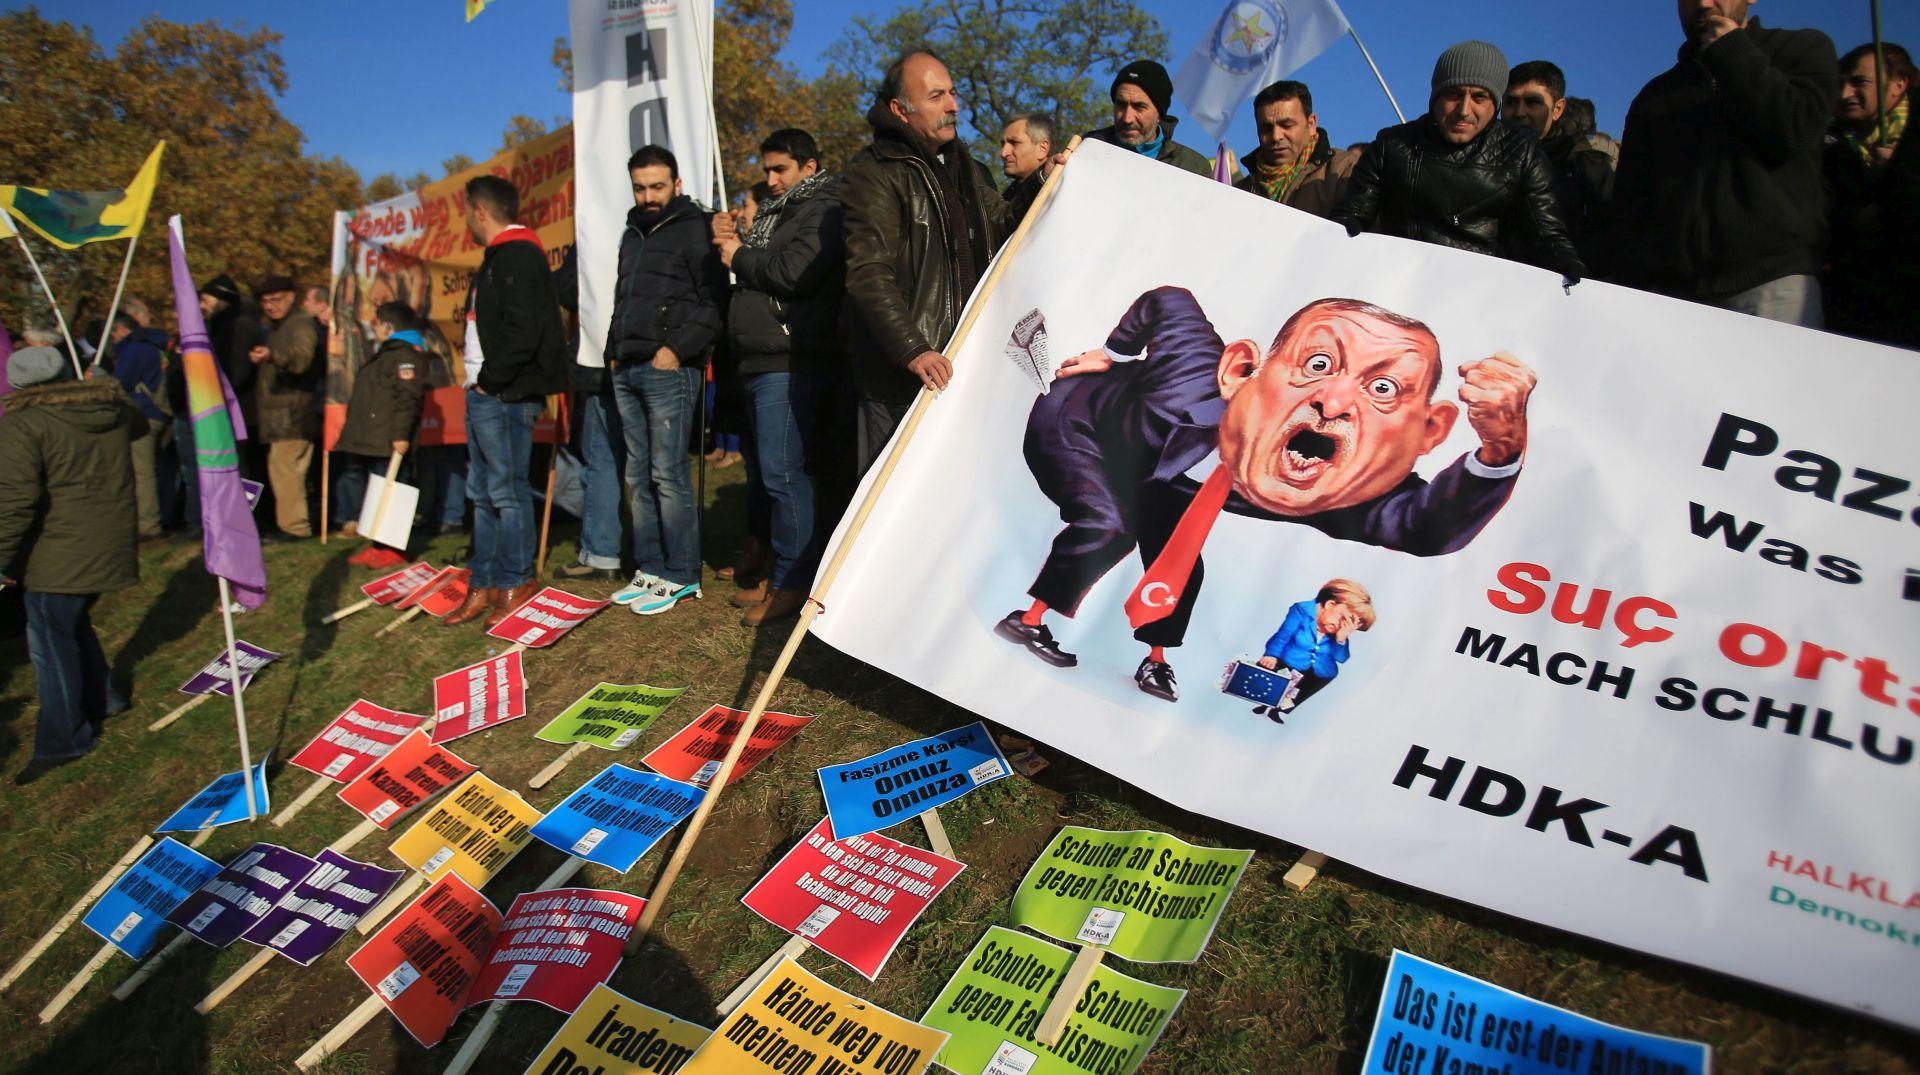 Novi kurdski prosvjed protiv Erdogana u Njemačkoj